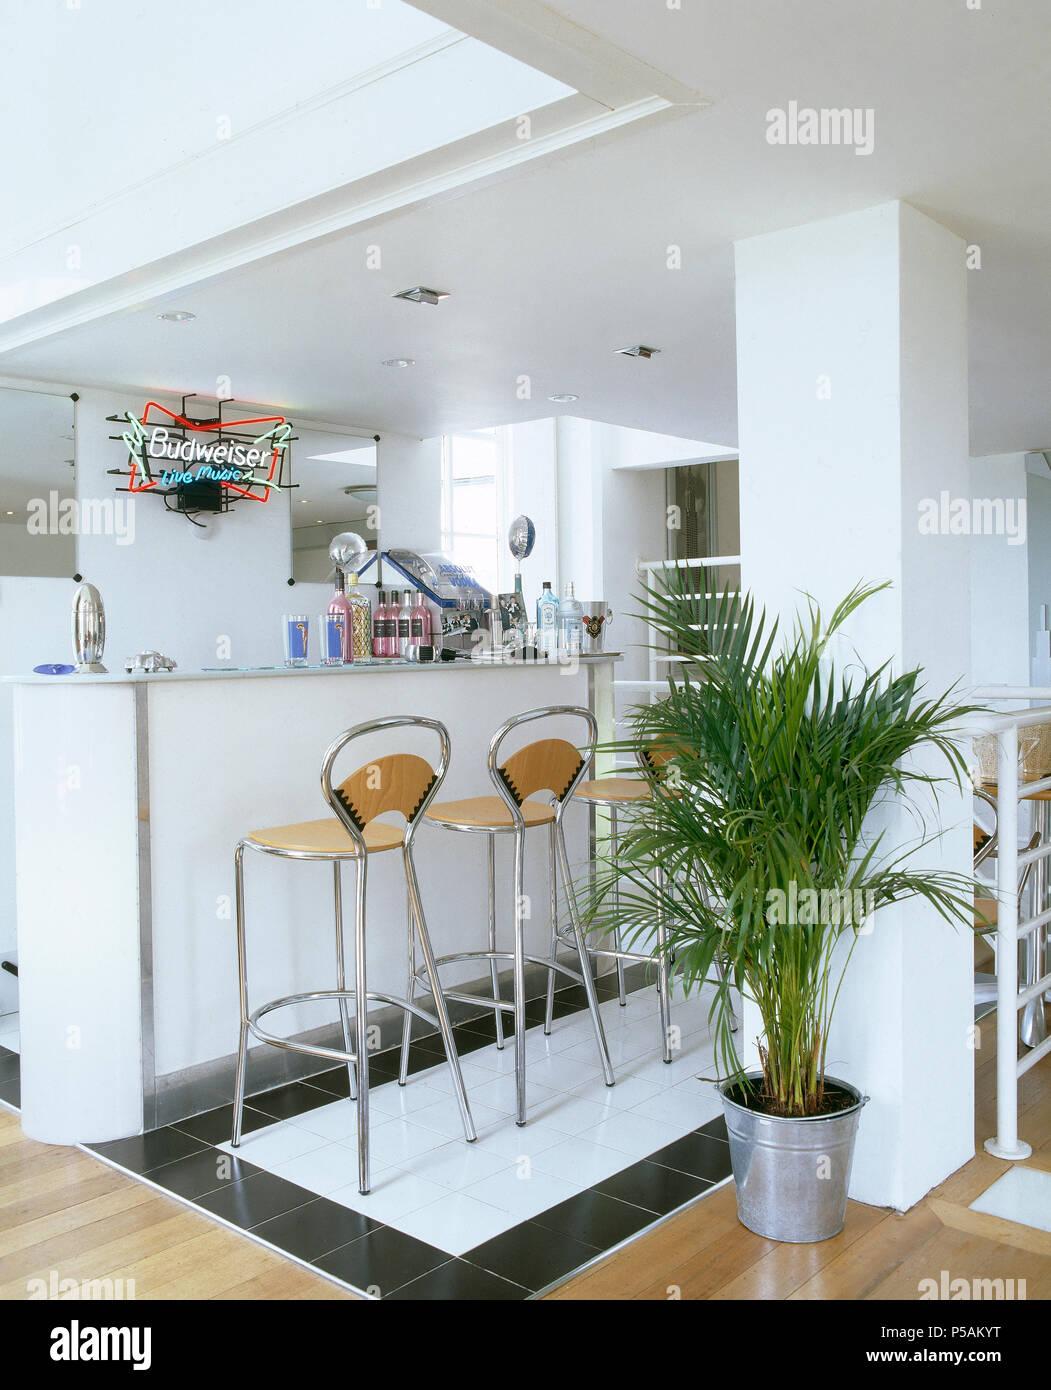 Potted palm nella moderna cucina a pianta aperta con ...